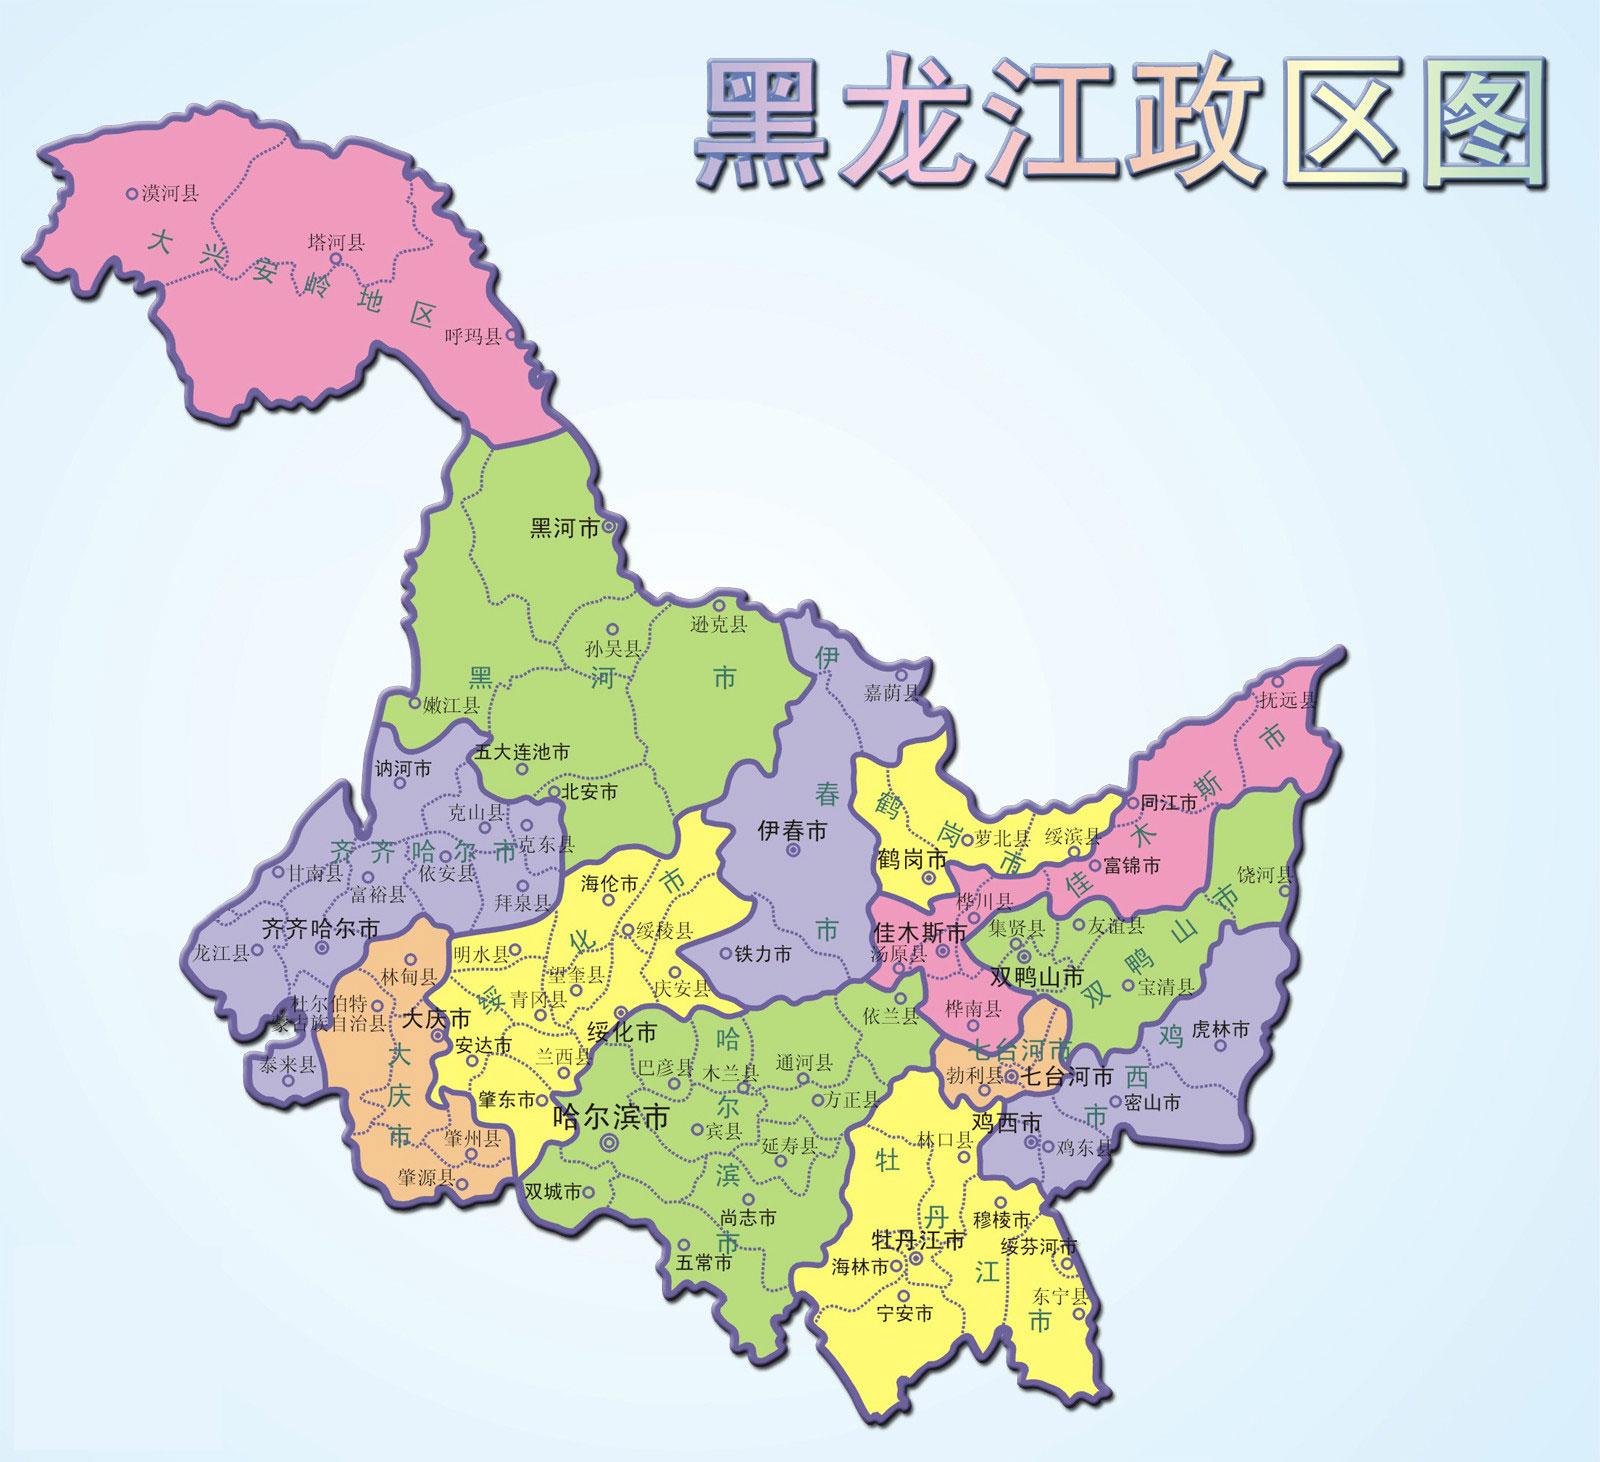 地图库 中国地图 黑龙江 >> 黑龙江行政区域简图    世界各国 | 中国